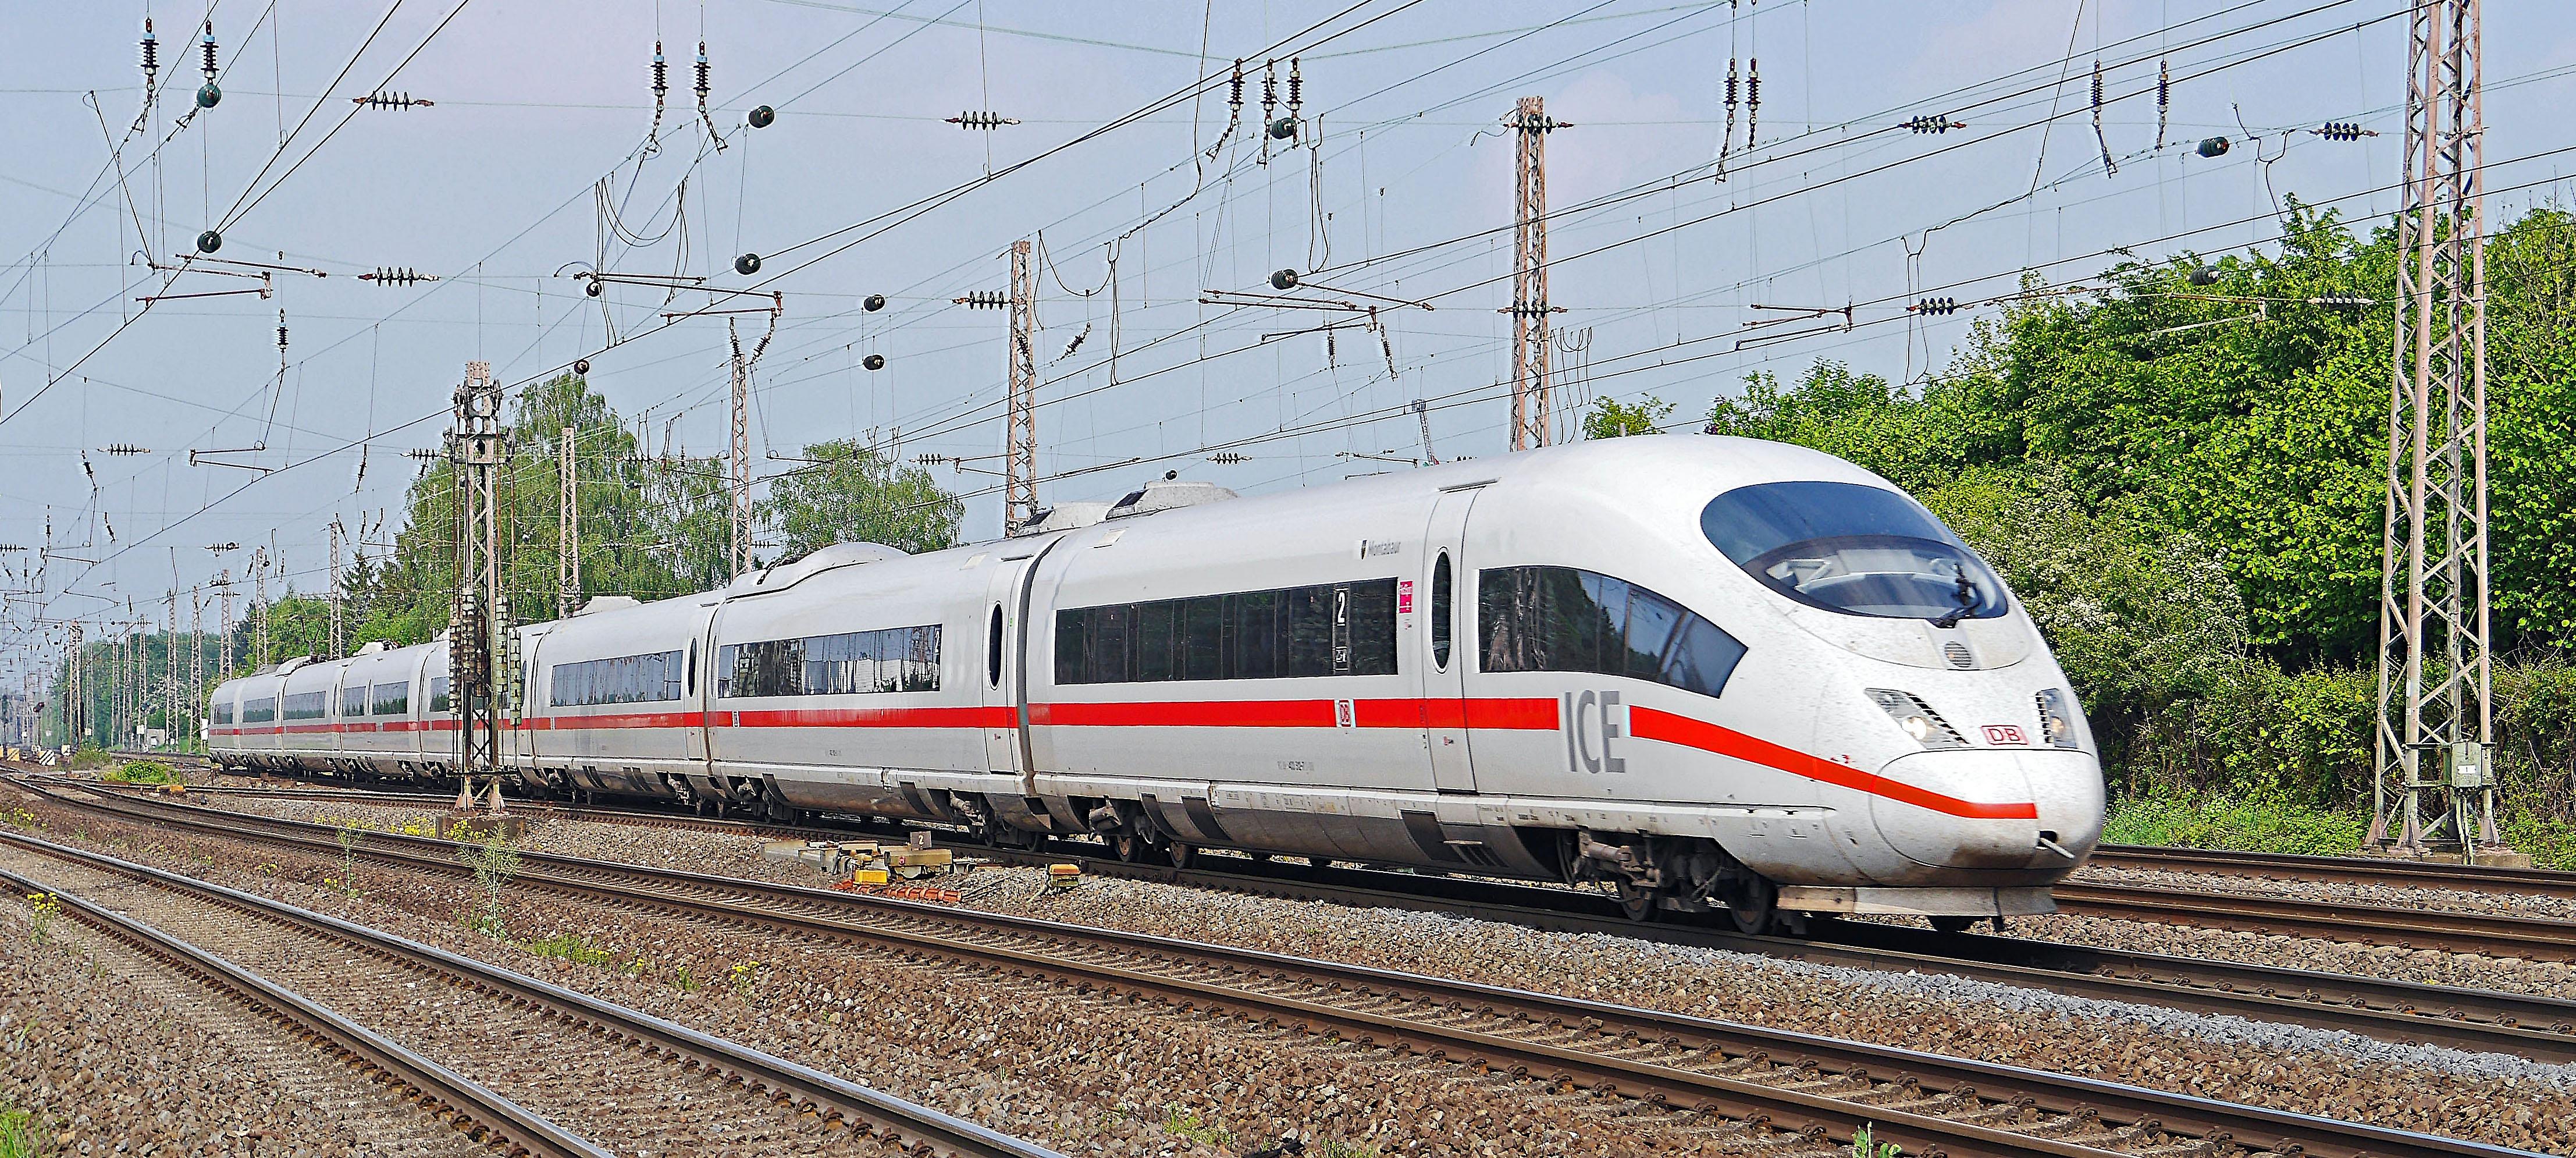 0fa9515041 Ingyenes képek : nyomon követni, vonat, tranzit, szállítás, jég, sebesség,  tömegközlekedés, Expressz, mozdony, árbocok, dortmund, db, DBAG, ...